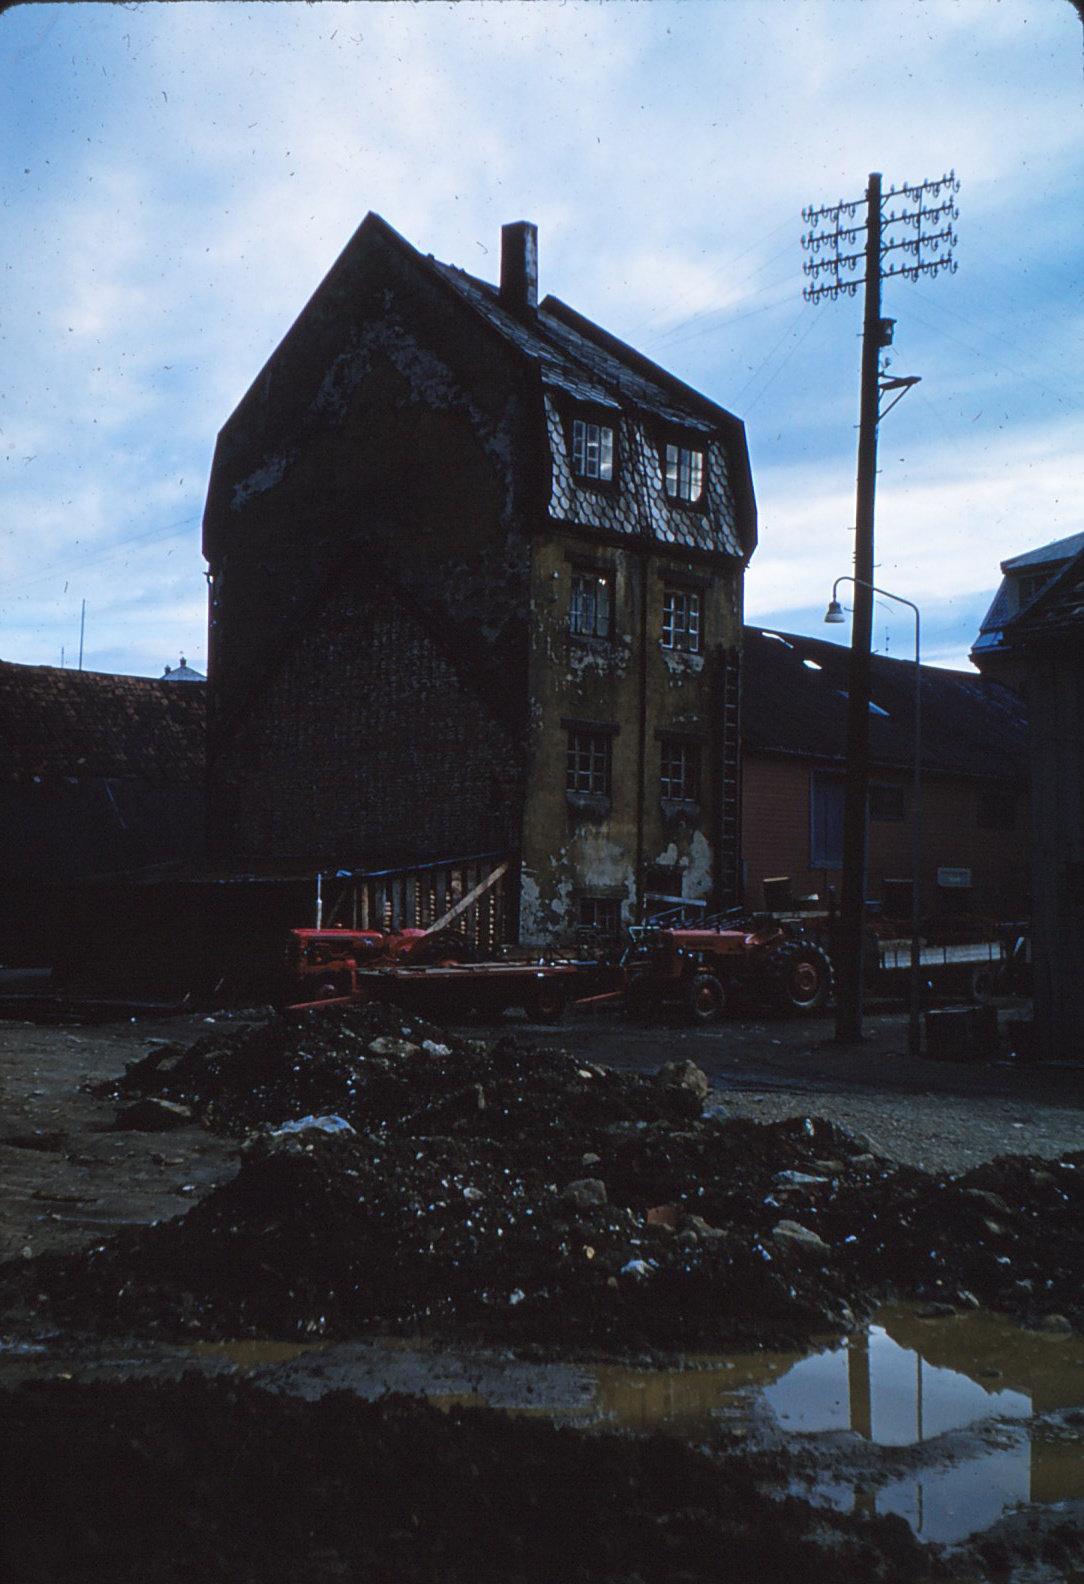 872 (21) Tromsø oud huis